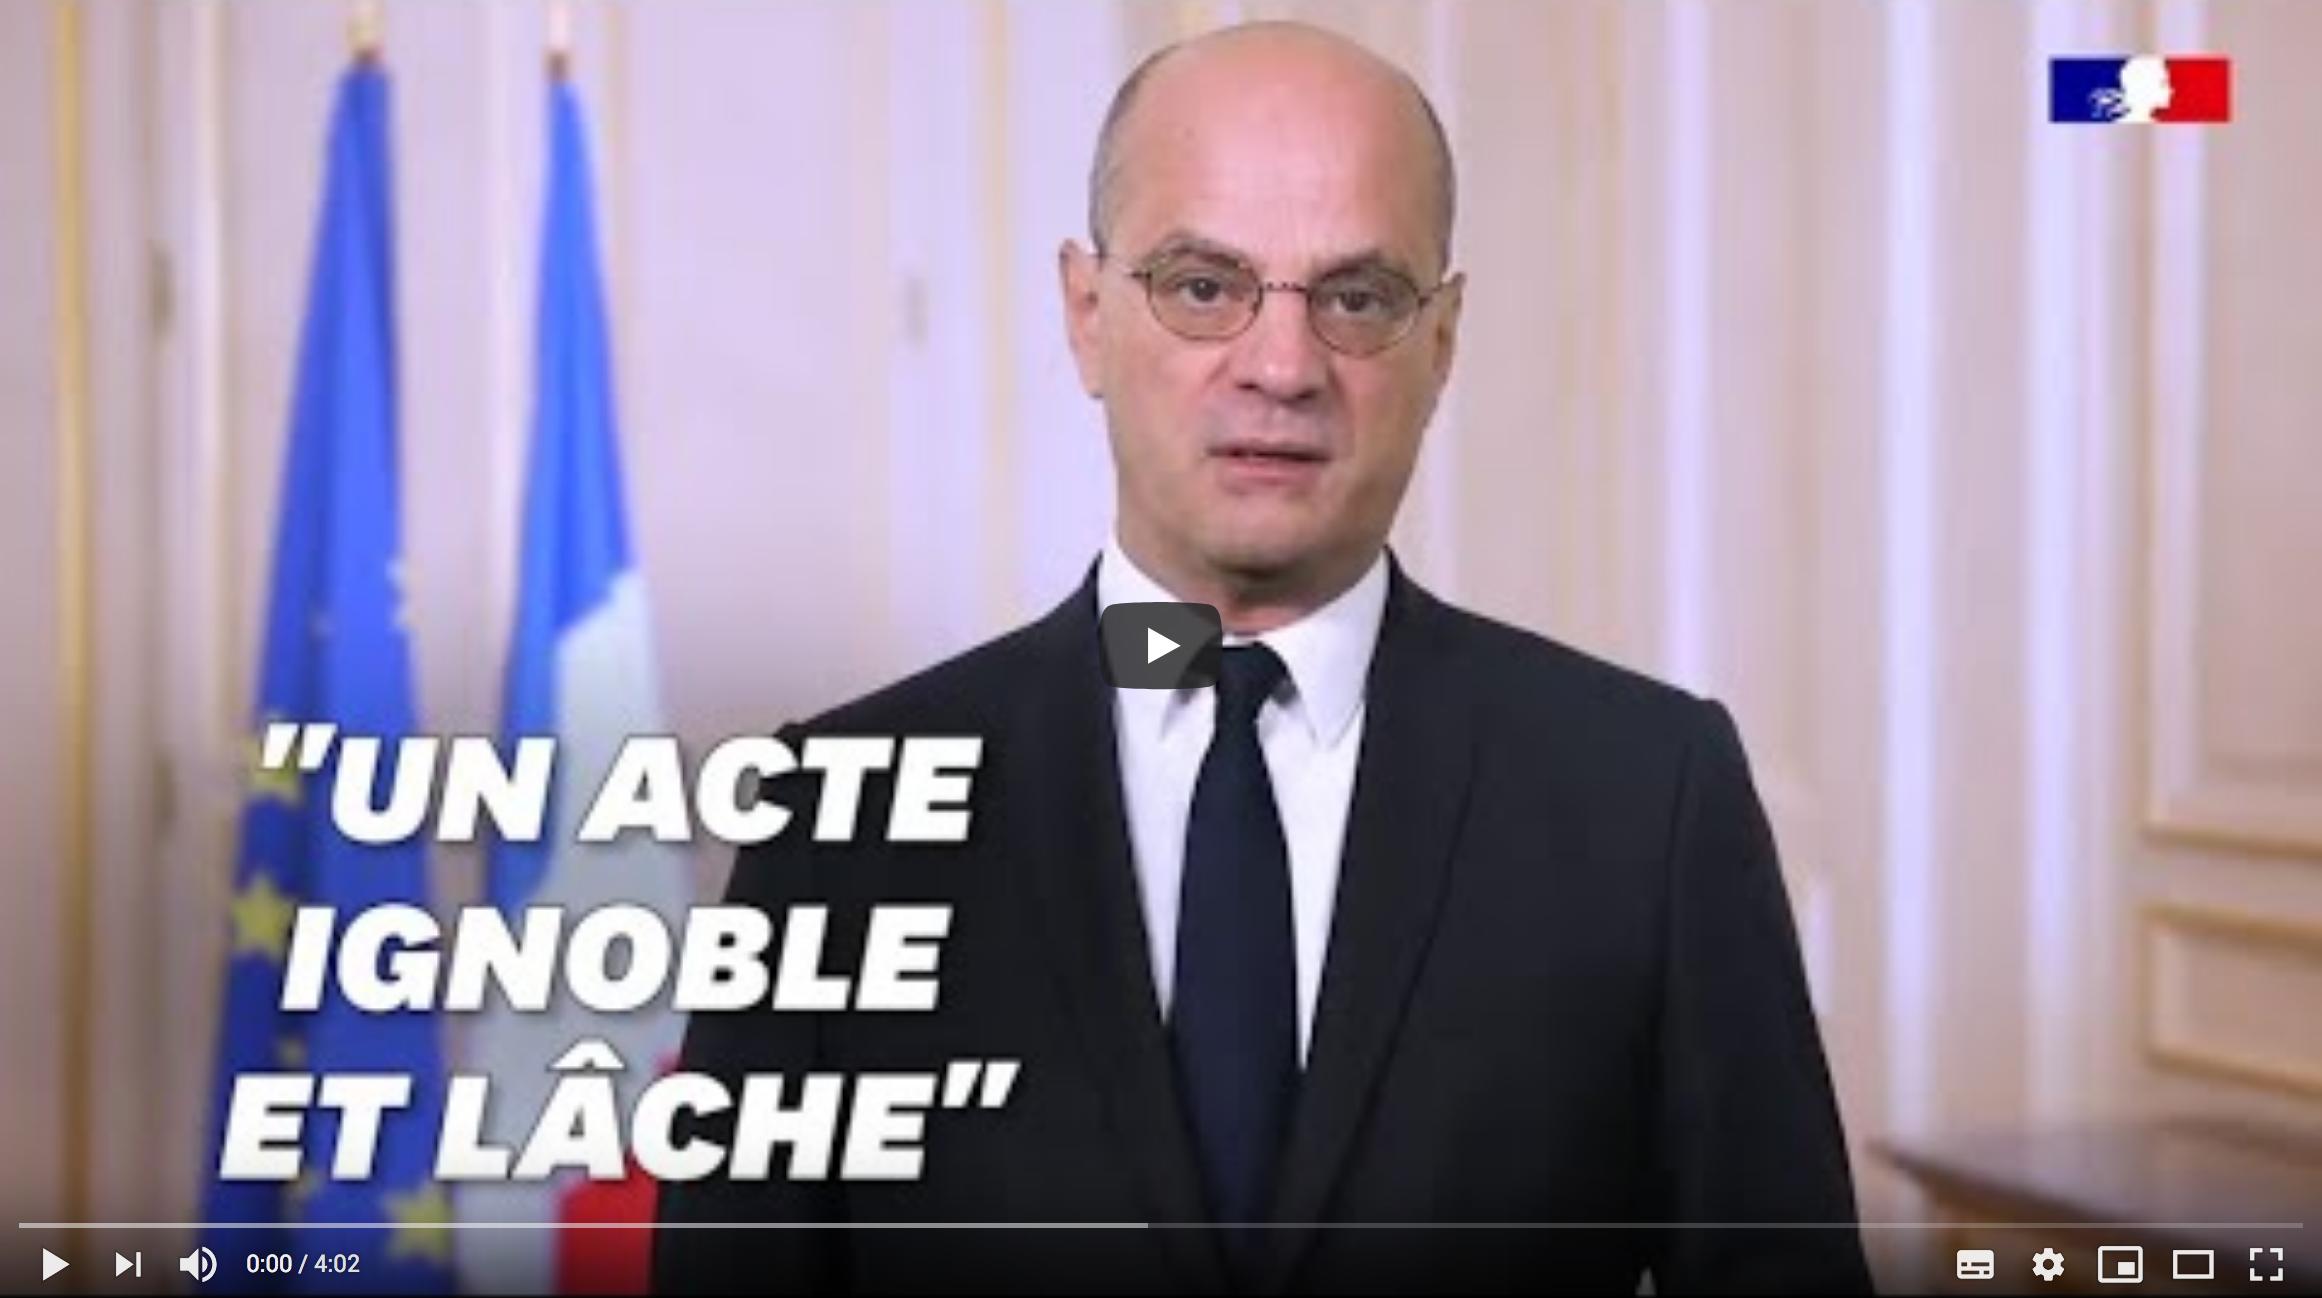 Jean-Michel Blanquer promet de «protéger» les enseignants après l'attaque de Conflans-Sainte-Honorine (sans dire comment ni promettre d'arrêter l'immigration musulmane en France)